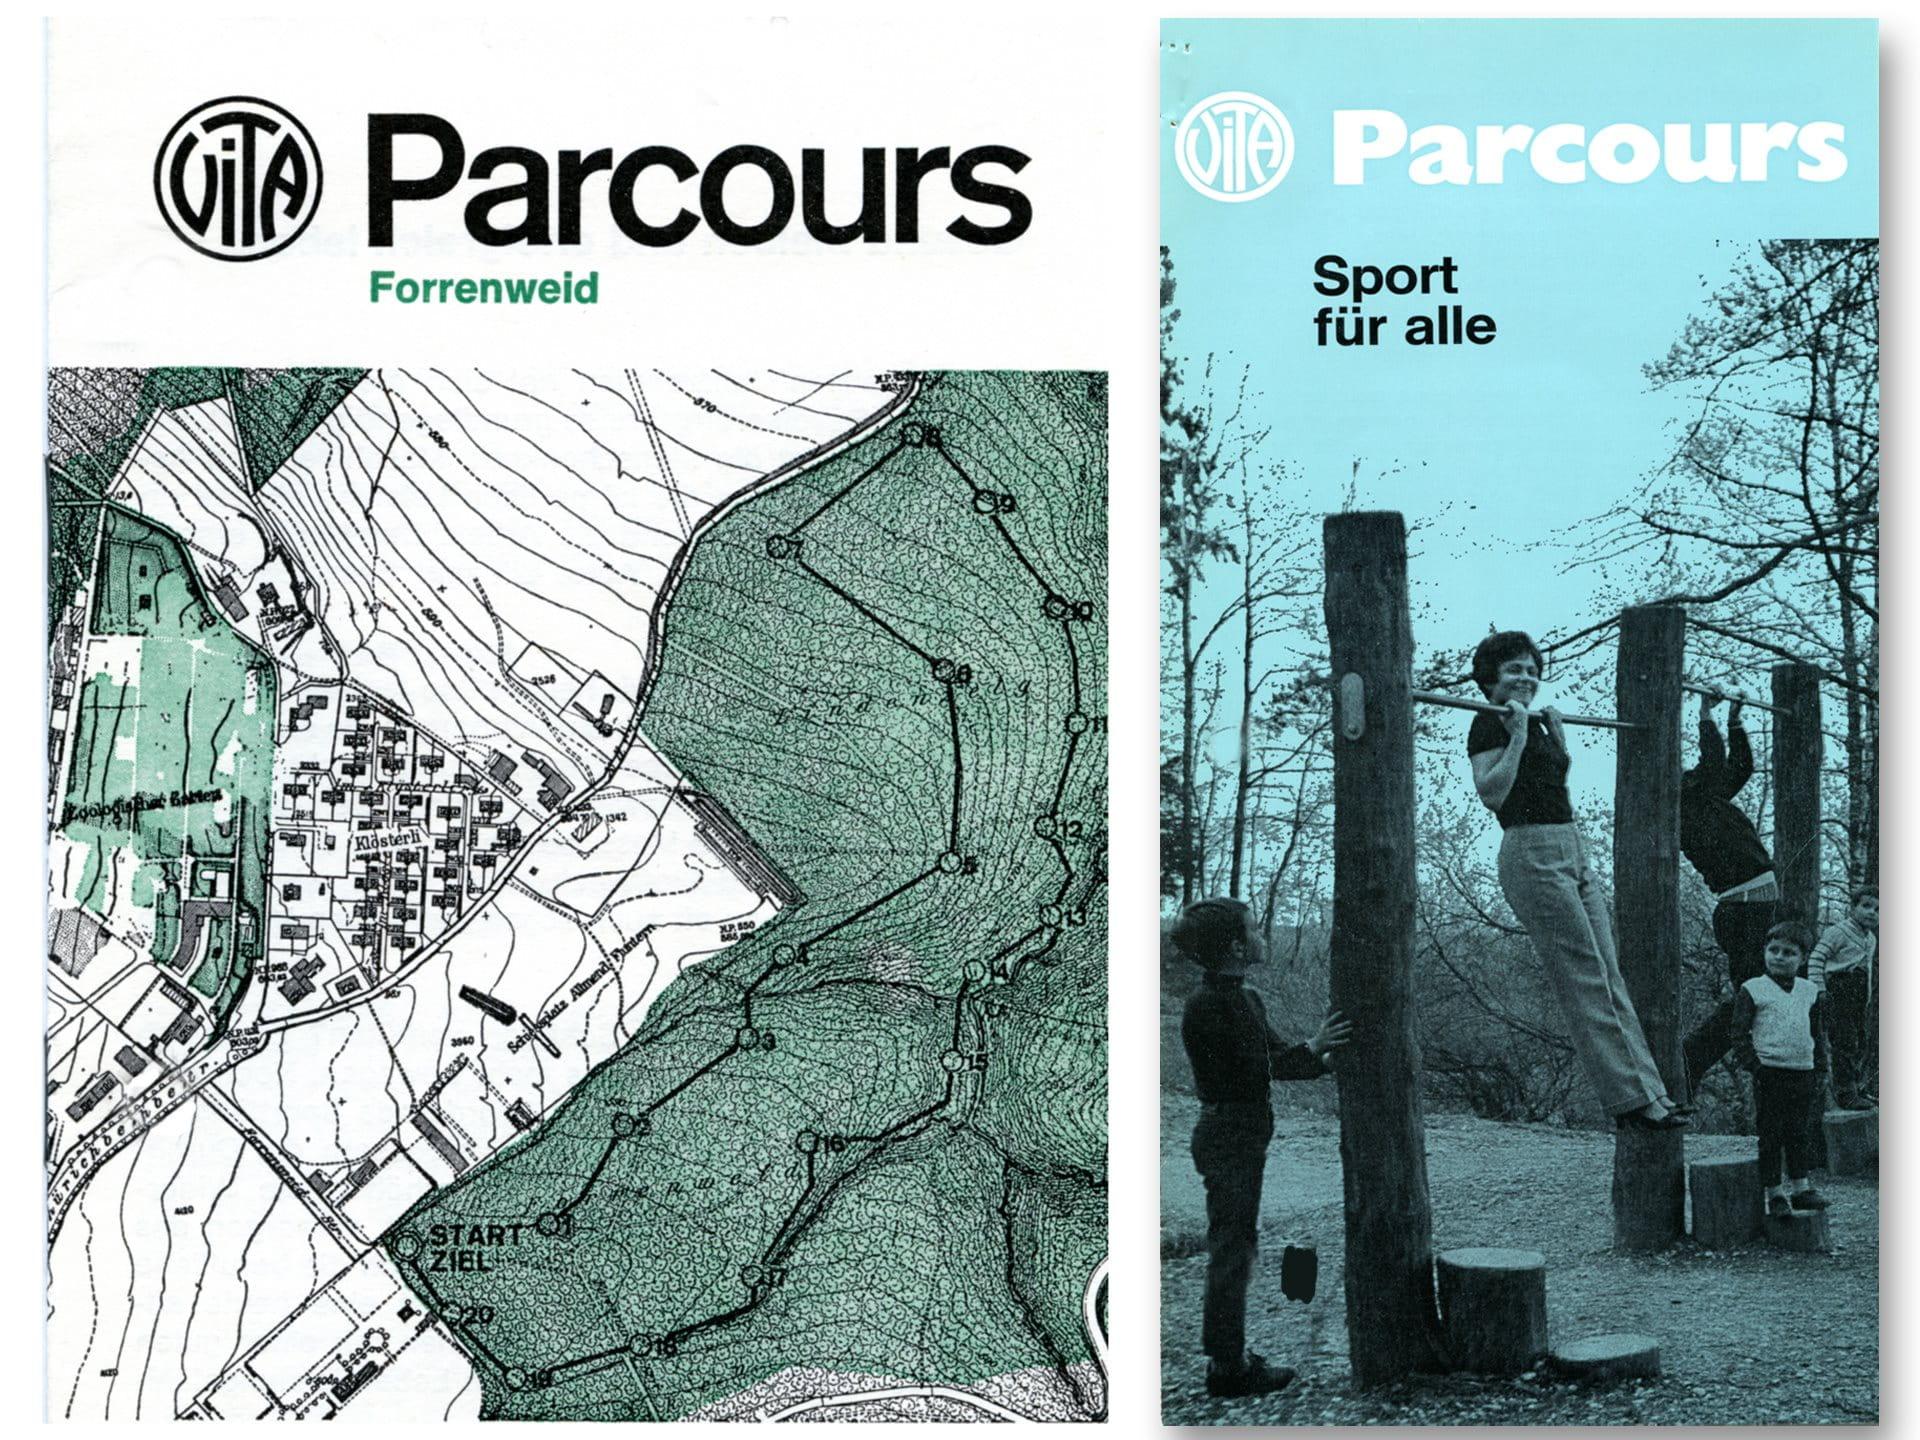 1968: Launch of Zurich Vita Parcours